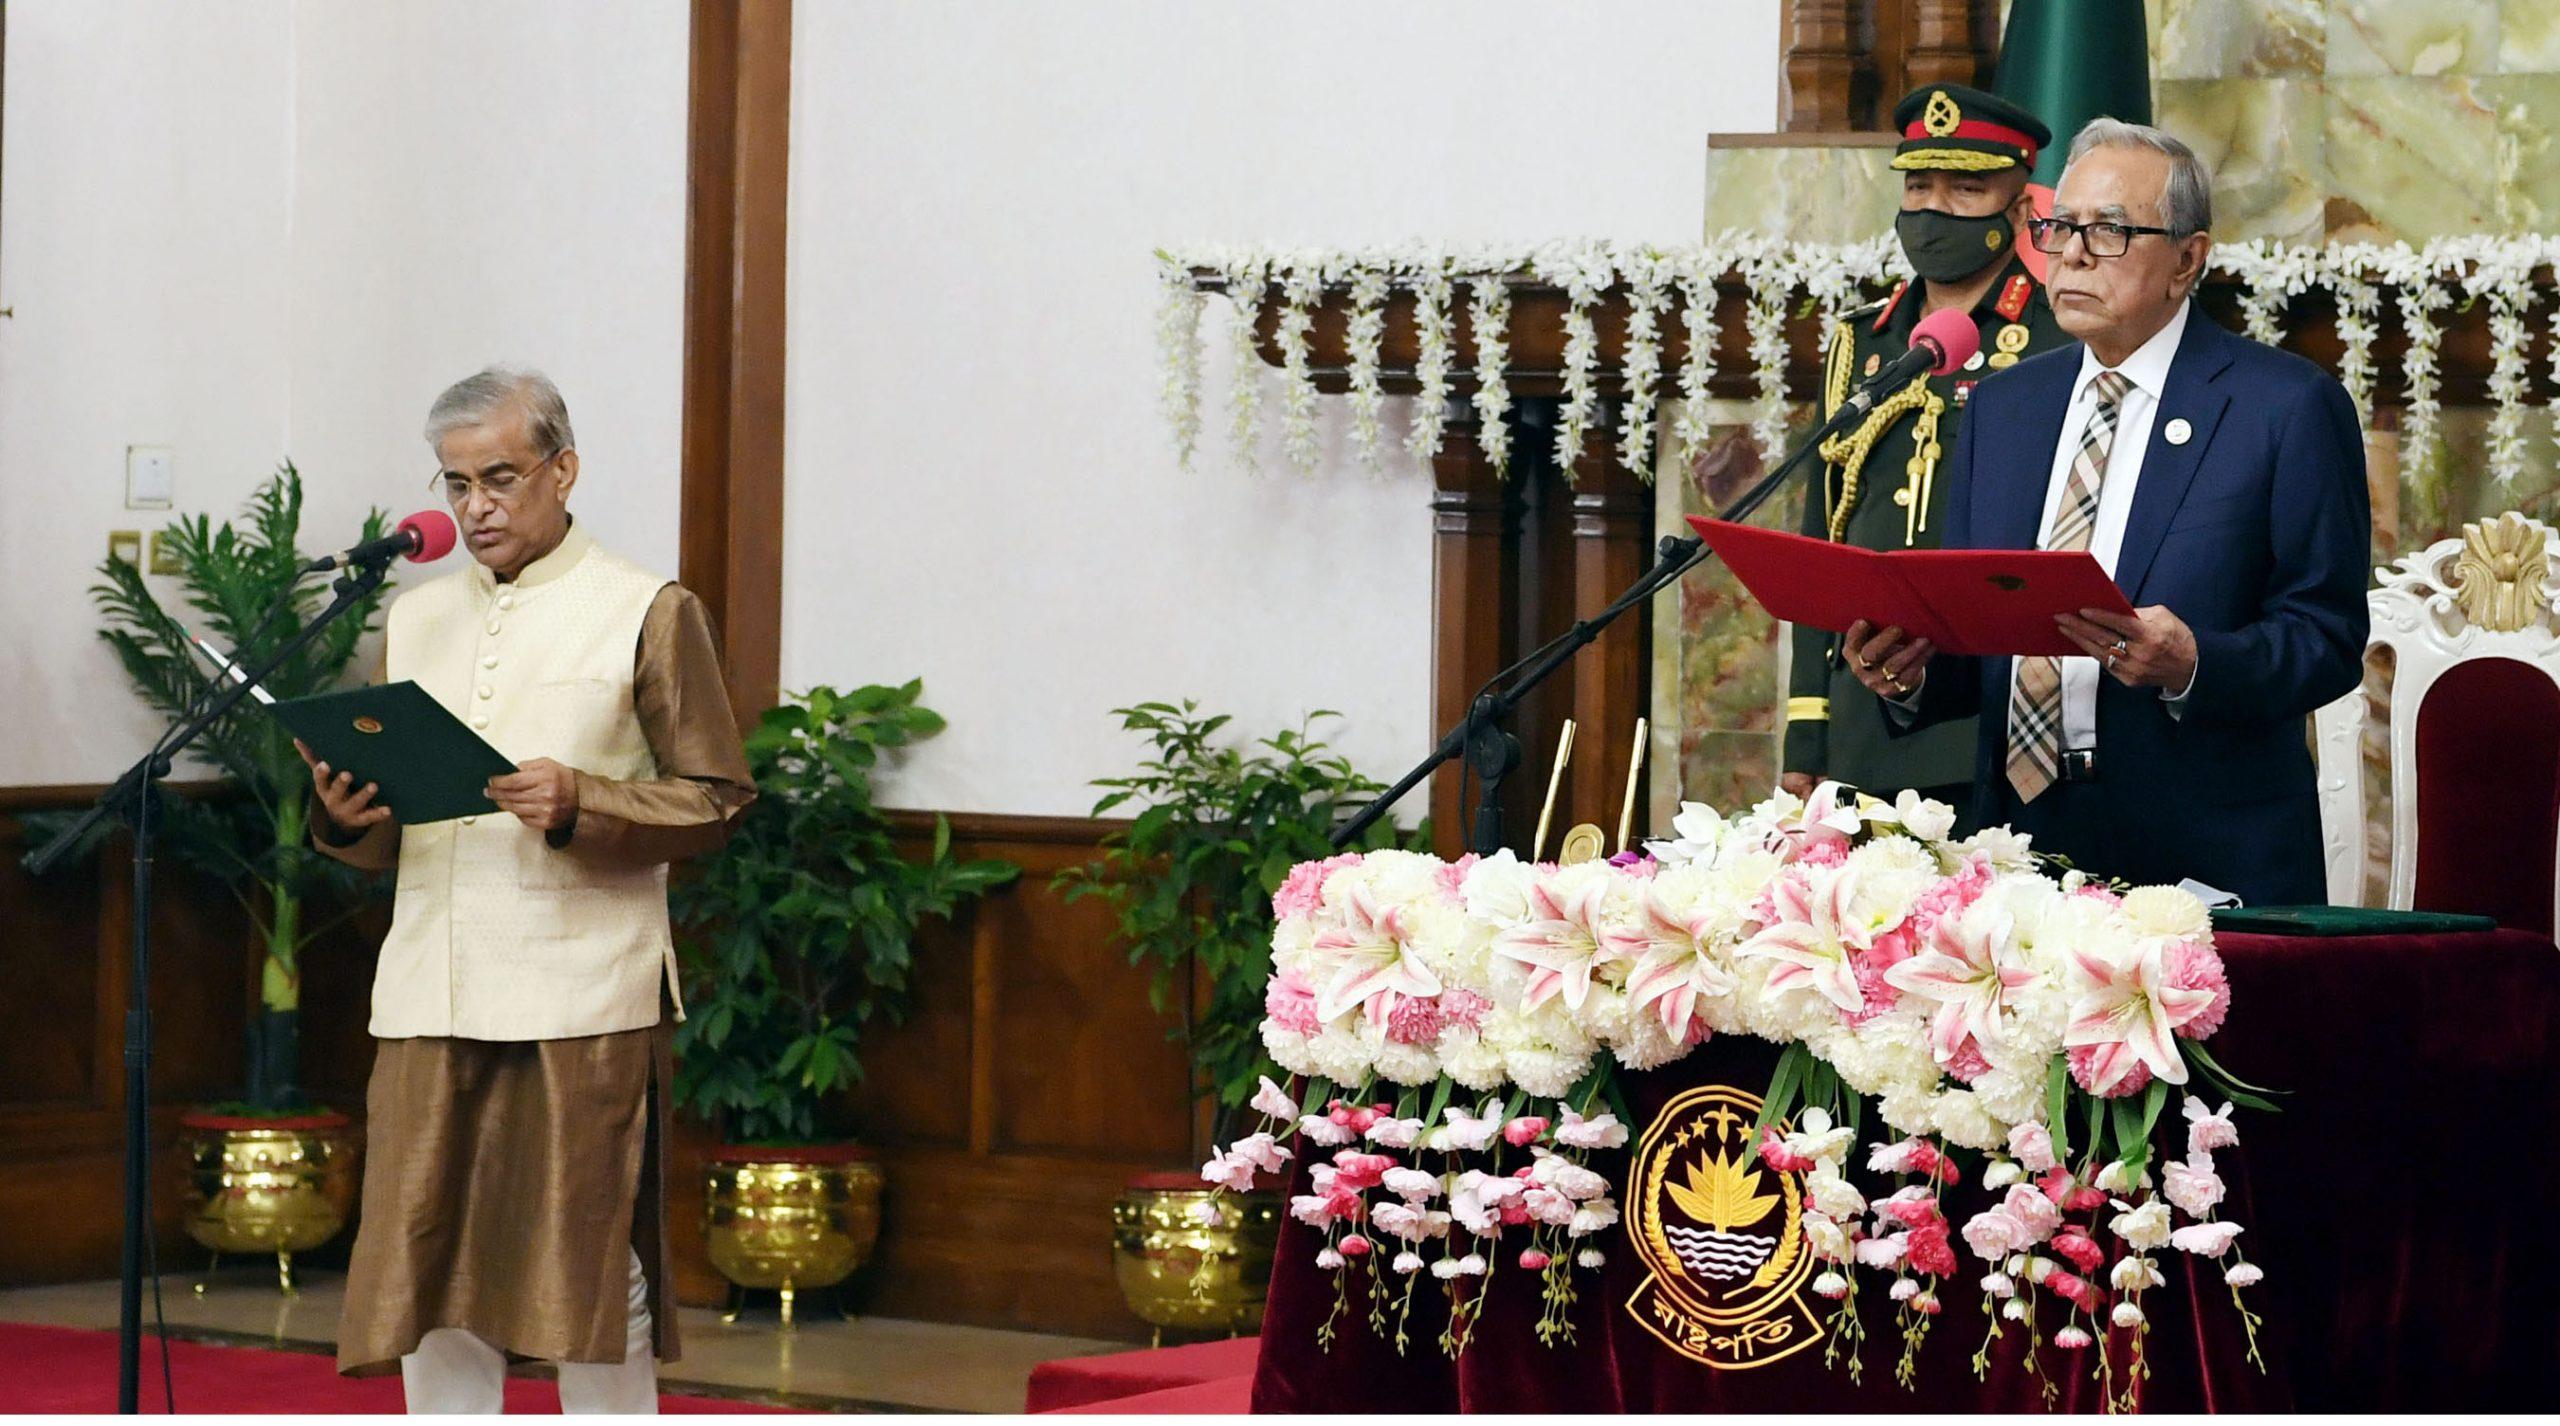 প্রতিমন্ত্রী হিসাবে শপথ নিলেন প্রফেসর ড. শামসুল আলম